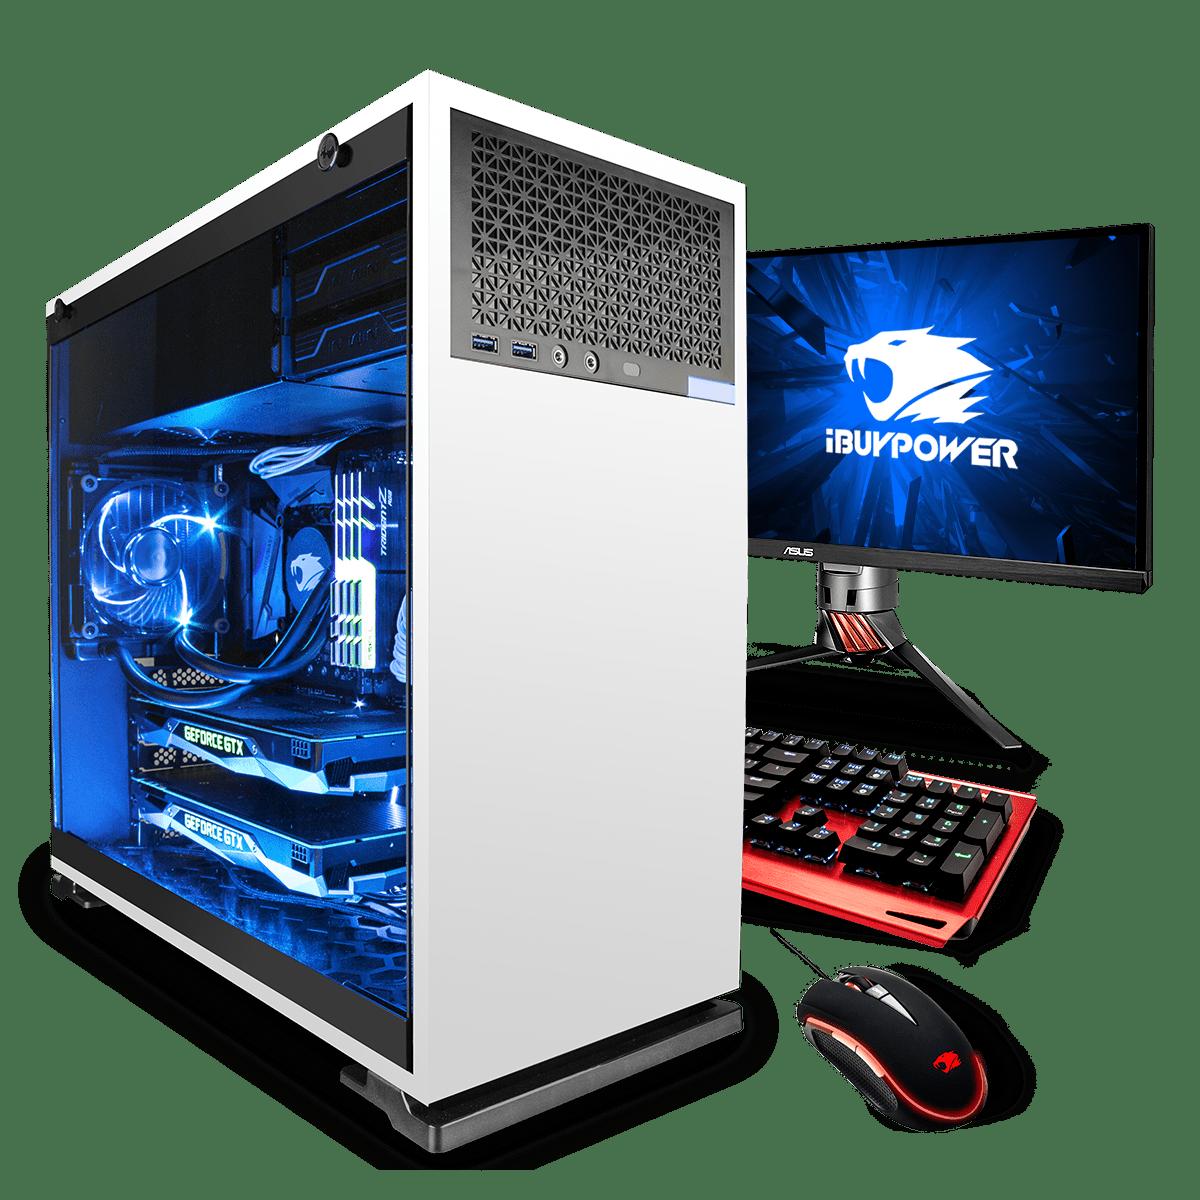 Gamer Paladin N1080: iBUYPOWER® Gaming PC